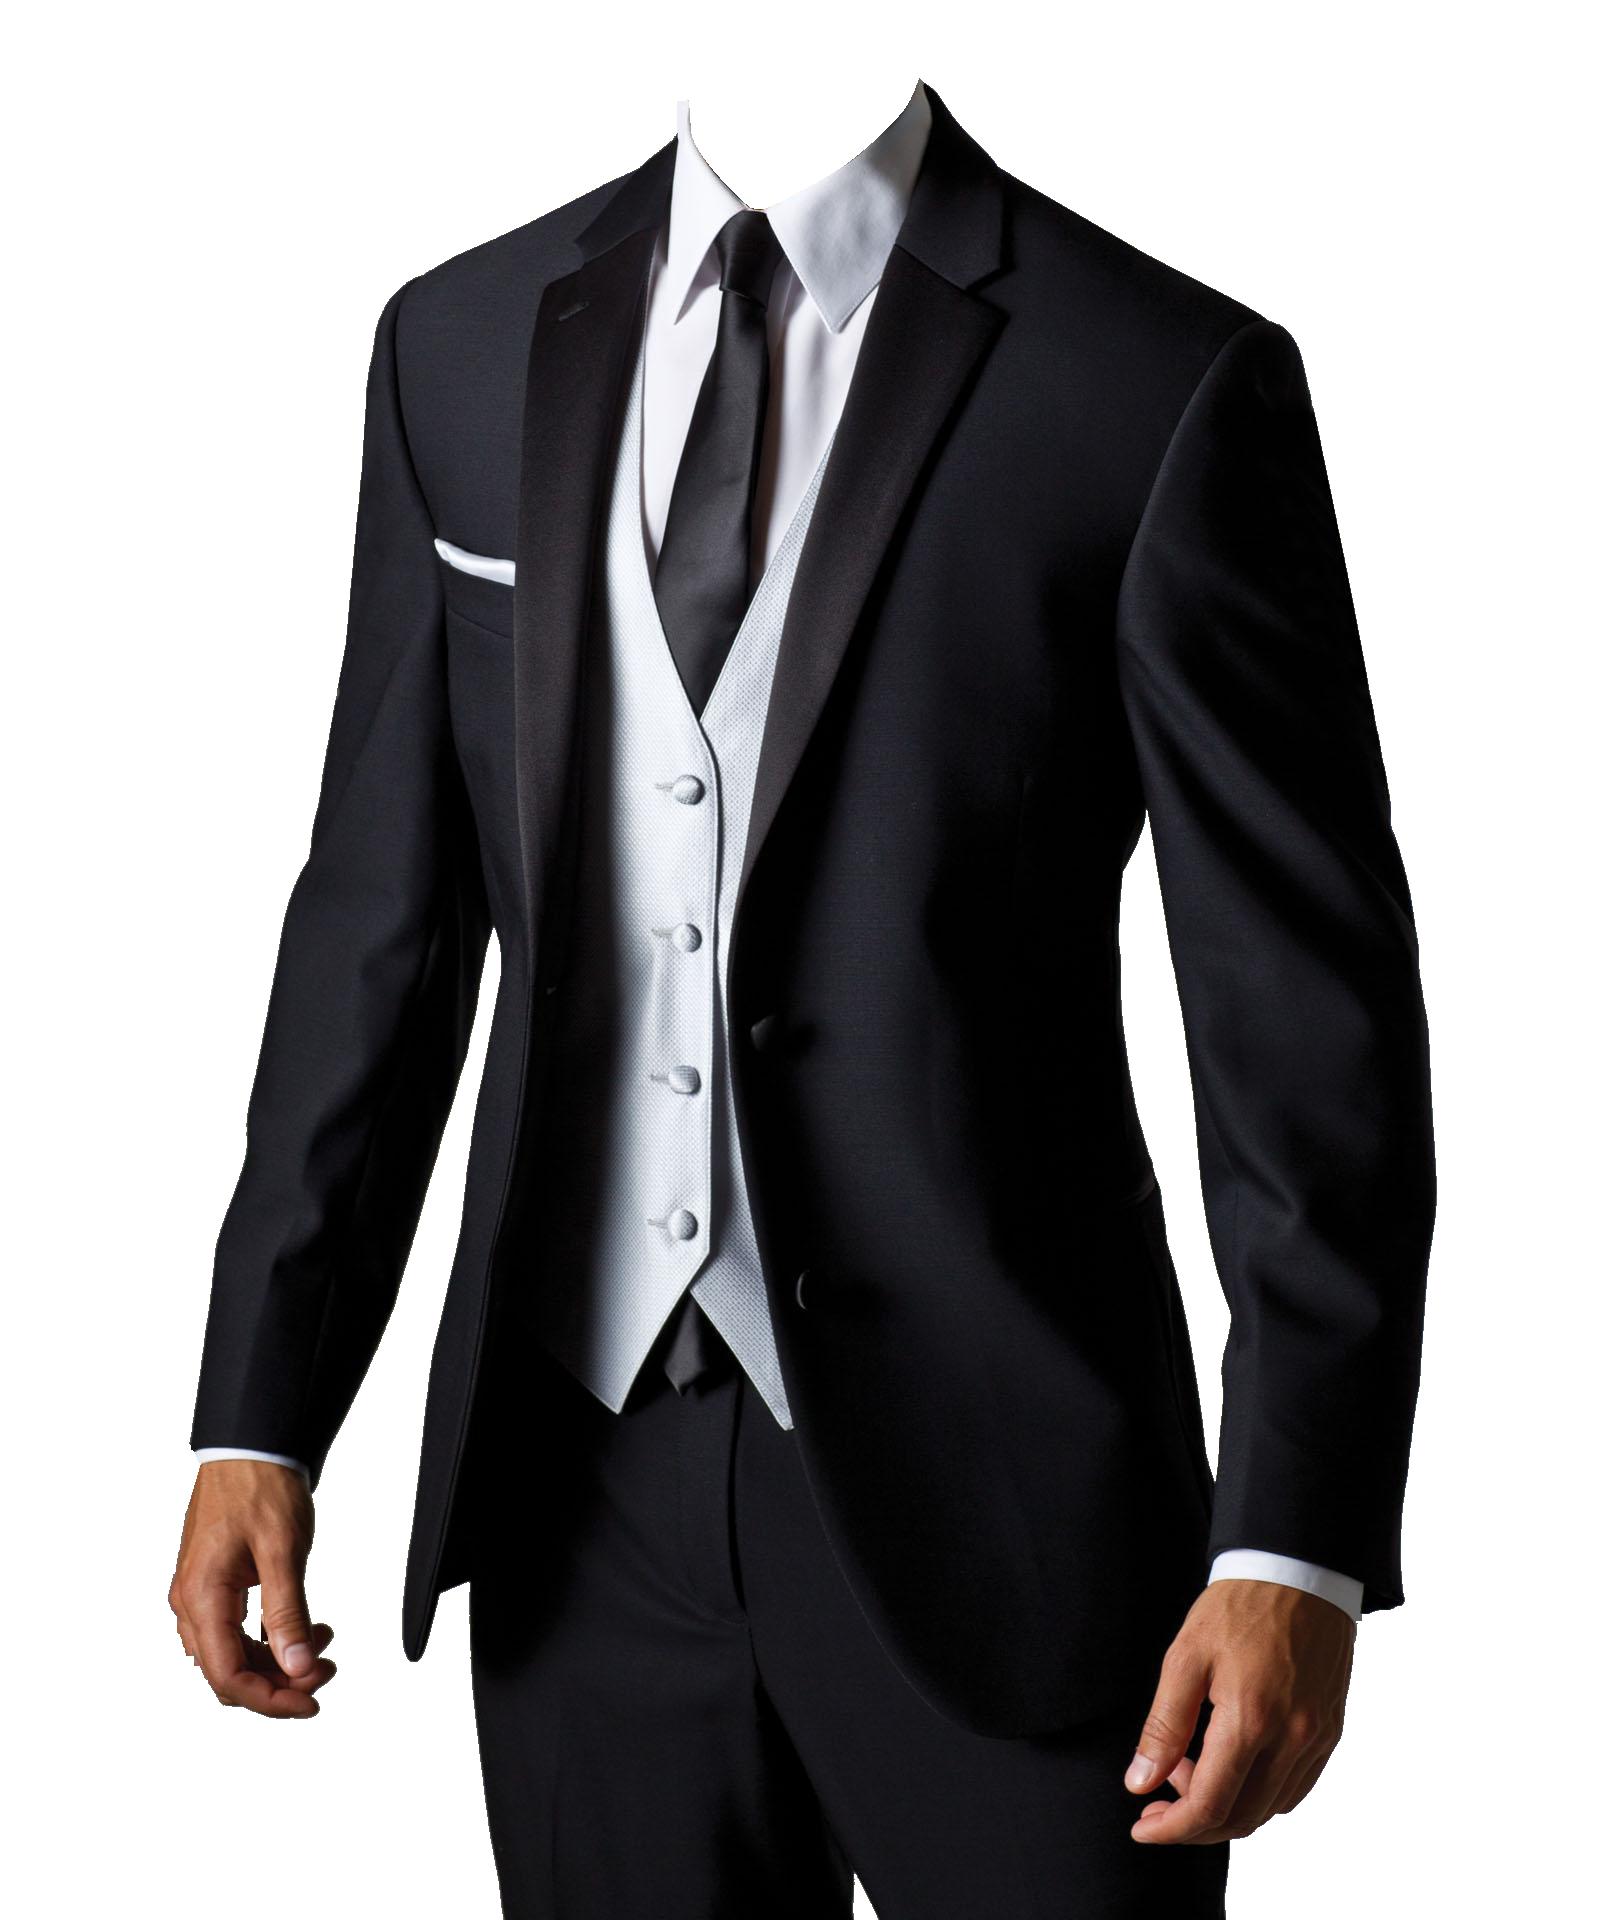 Suit PNG Image